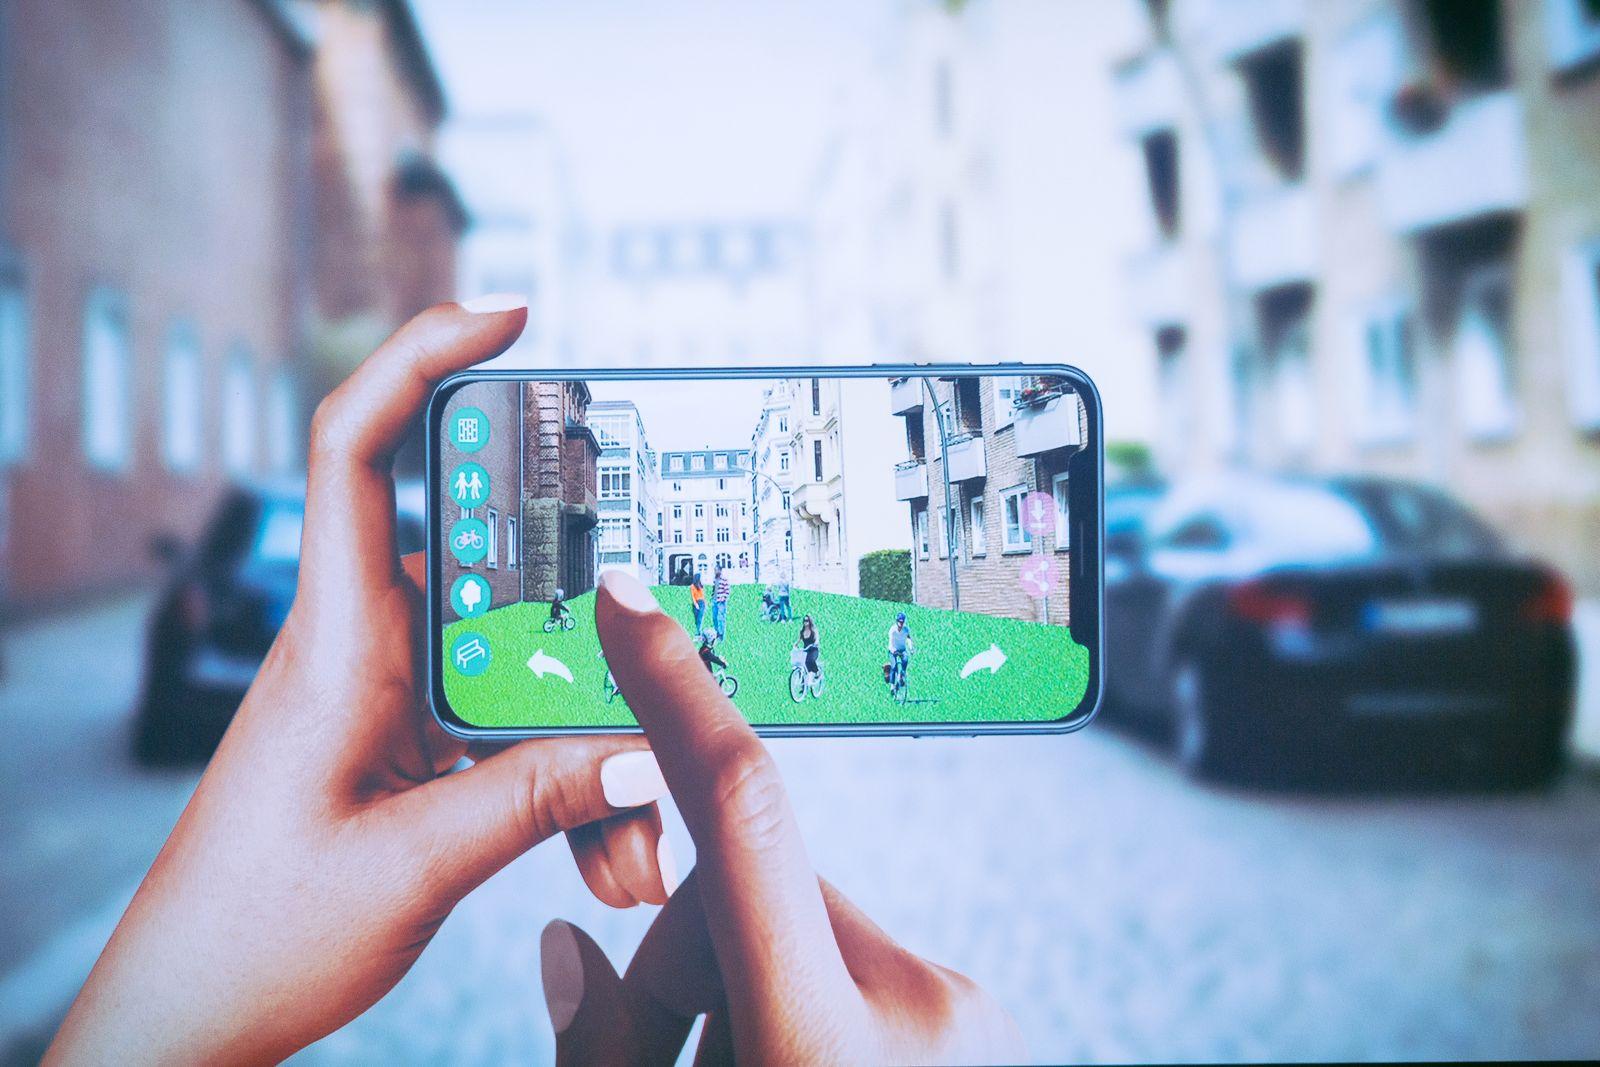 Handyscreen und Hände